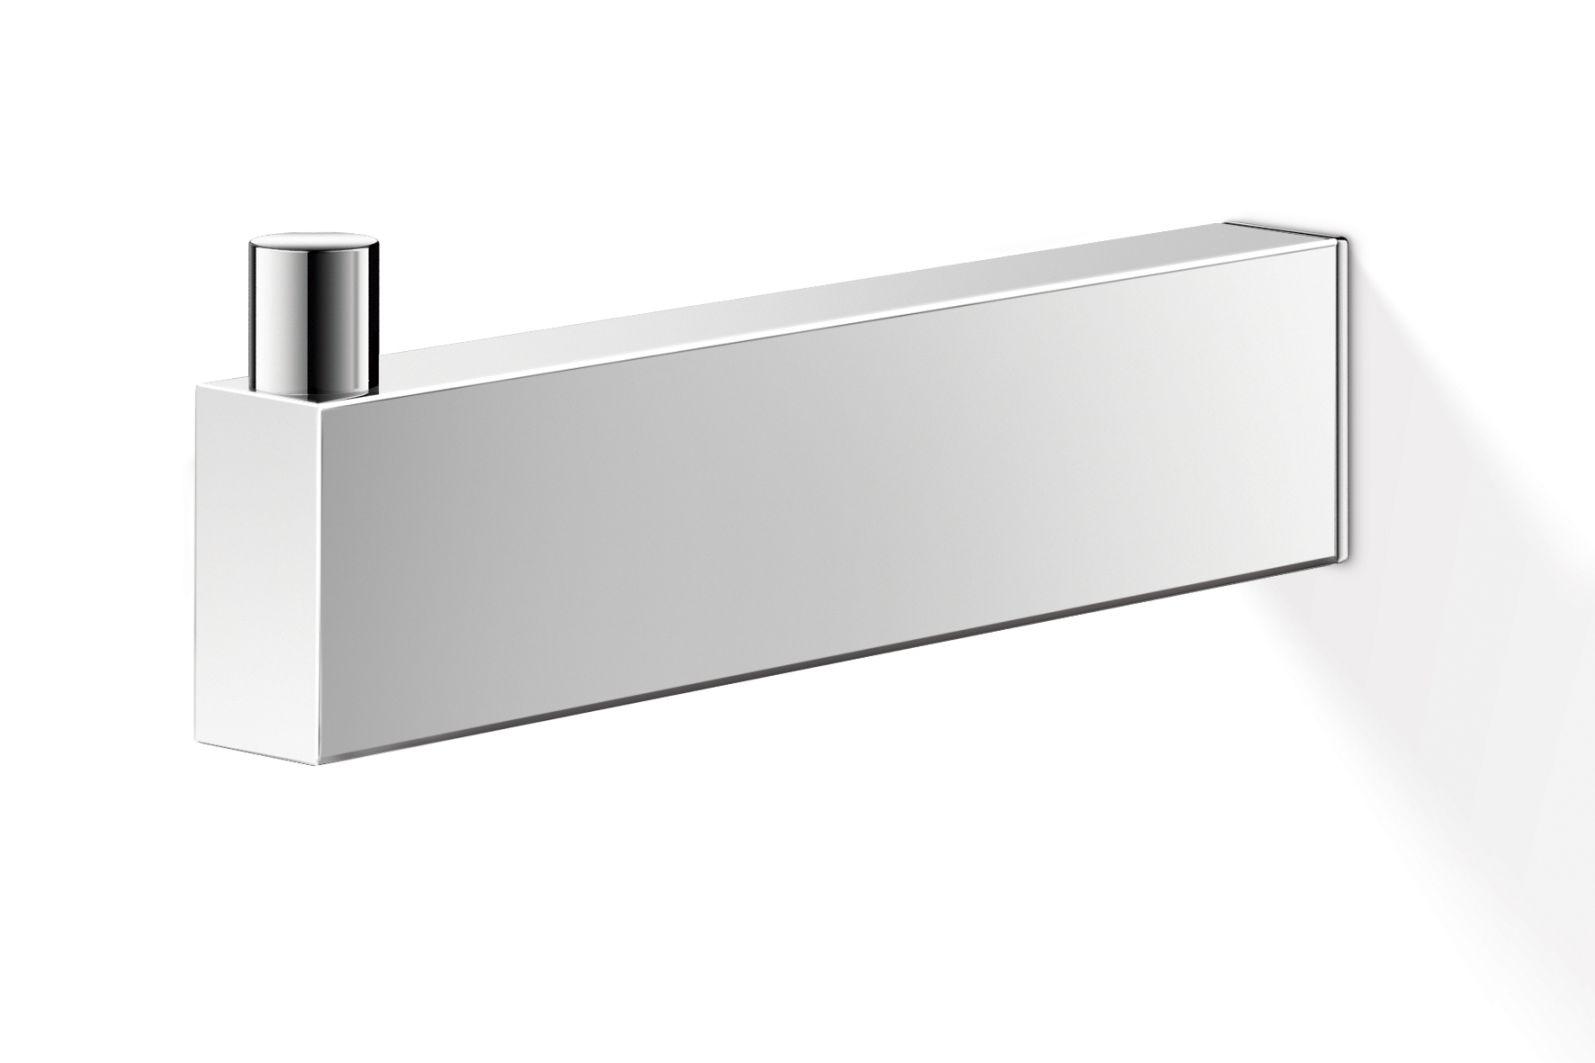 Držák na toaletní papír LINEA, lesklý 13 cm - ZACK